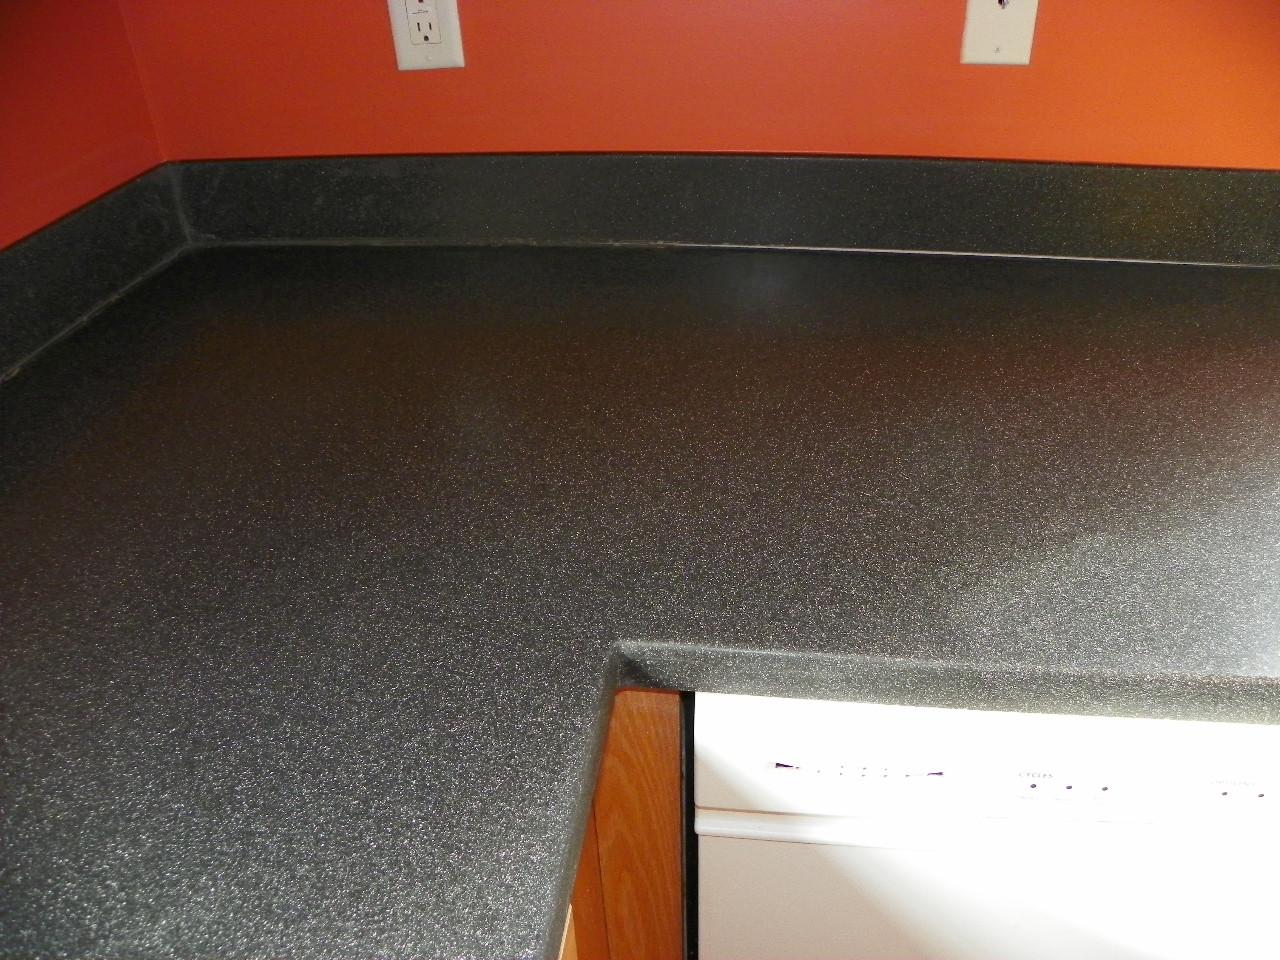 Countertop Repair : ... Countertop Repair Blog: Solid Surface Countertop Repair. Lexington, NC